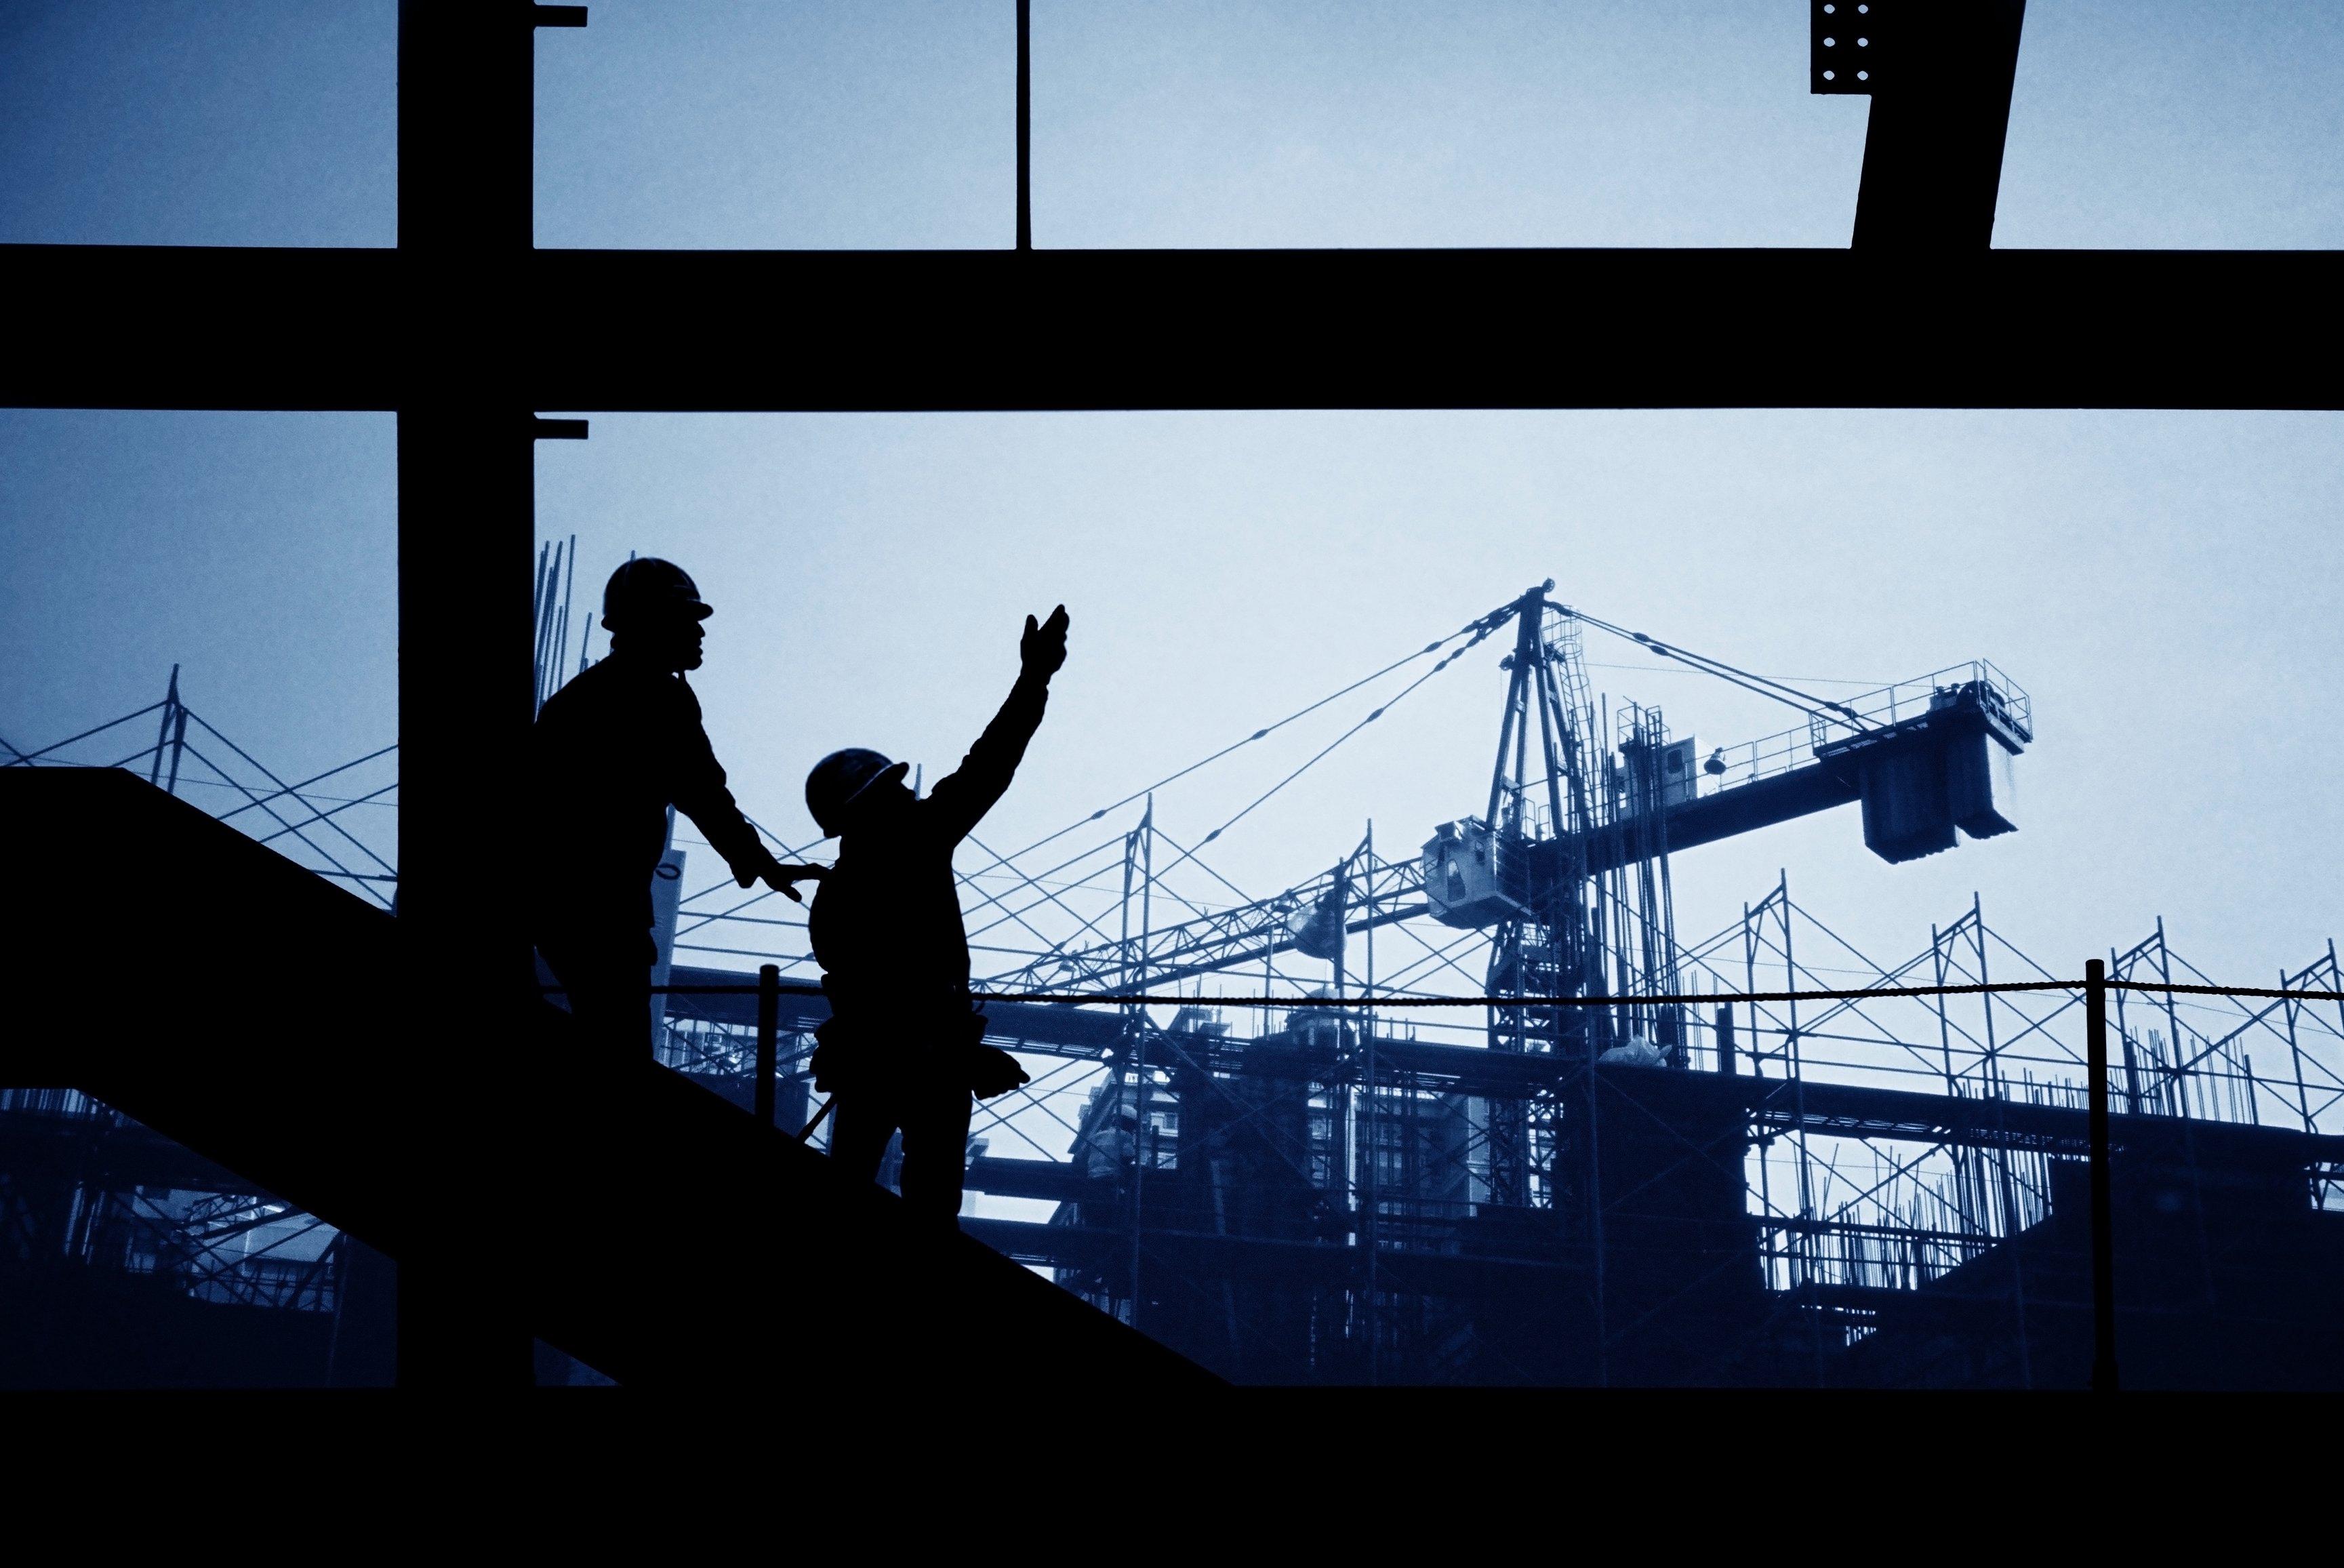 Project Manager, Project Management, Building, Construction, Built form